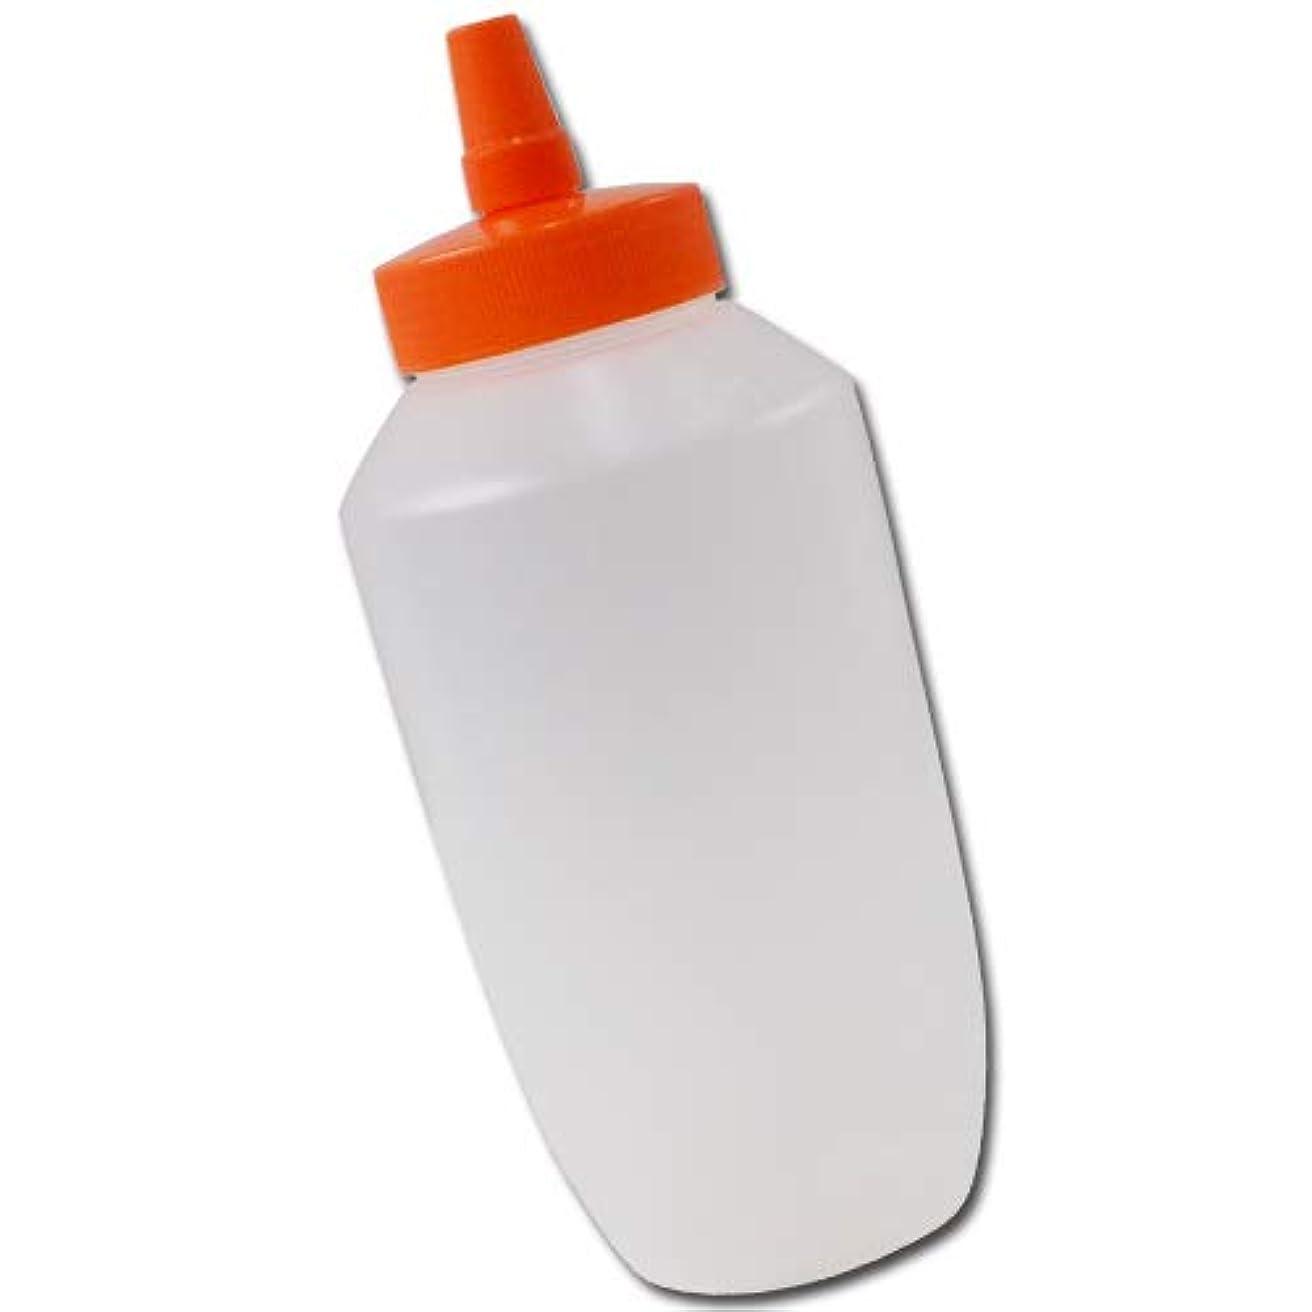 寝室コマンドウォルターカニンガムはちみつ容器740mll(オレンジキャップ)│業務用ローションや調味料の小分けに詰め替え用ハチミツ容器(蜂蜜容器)はちみつボトルビッグな特大サイズ